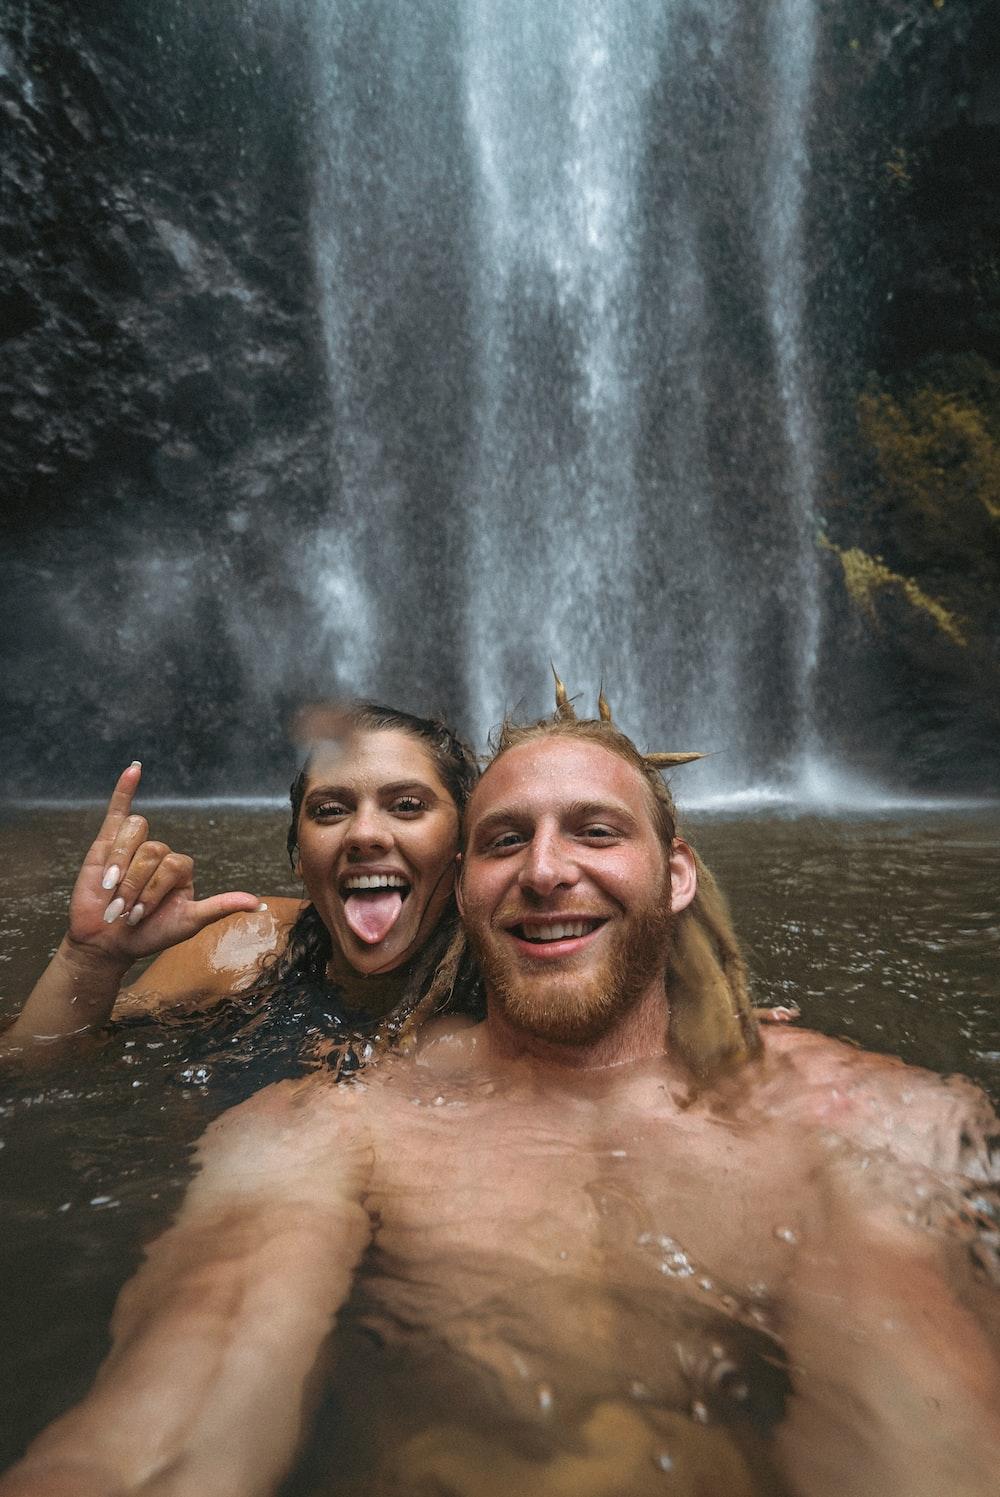 2 women in water falls